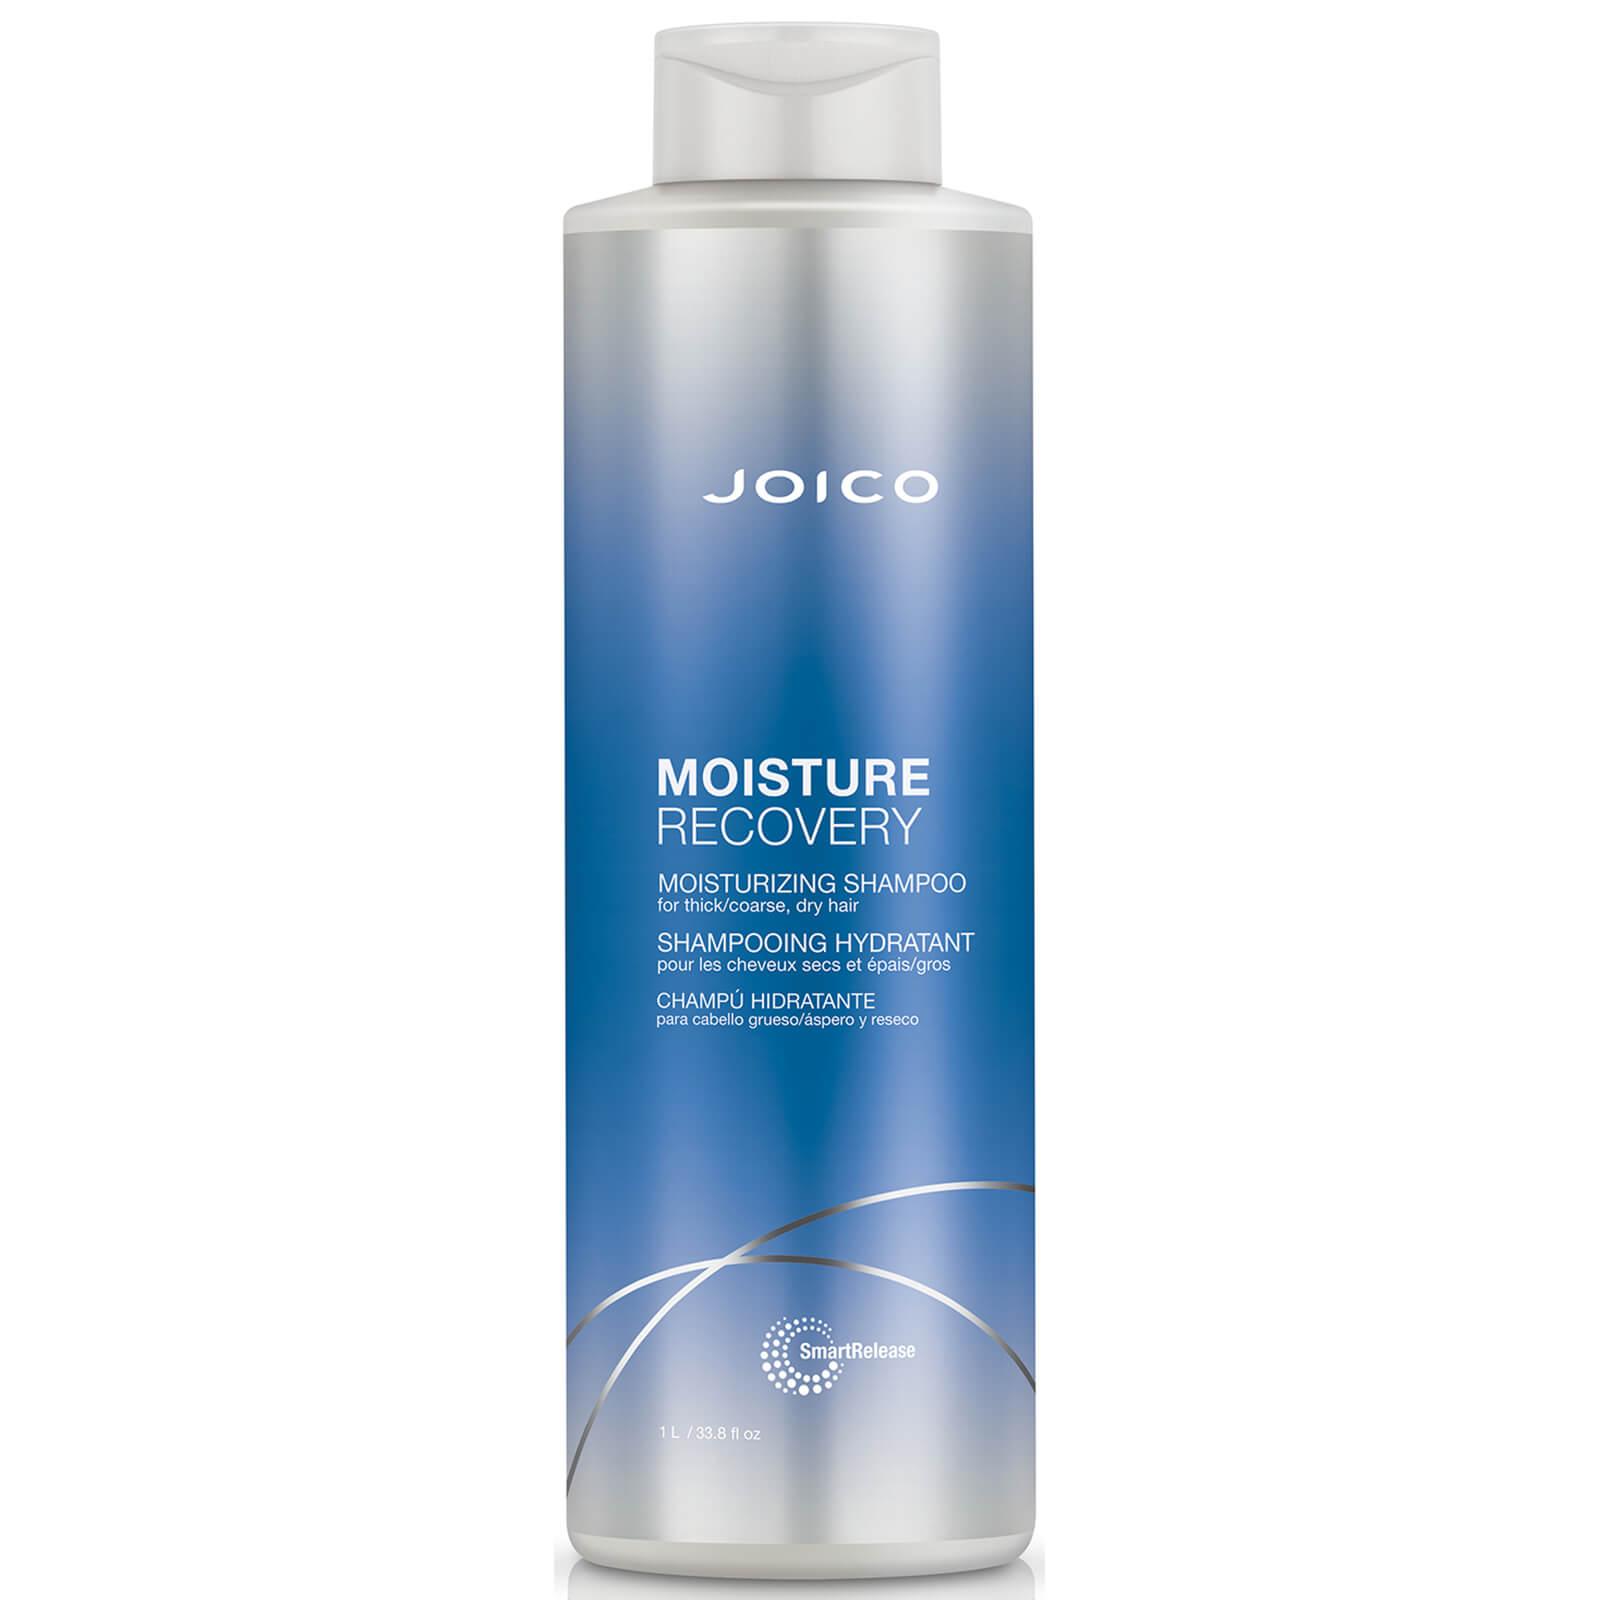 Купить Joico Moisture Recovery Moisturizing Shampoo For Thick-Coarse, Dry Hair 1000ml